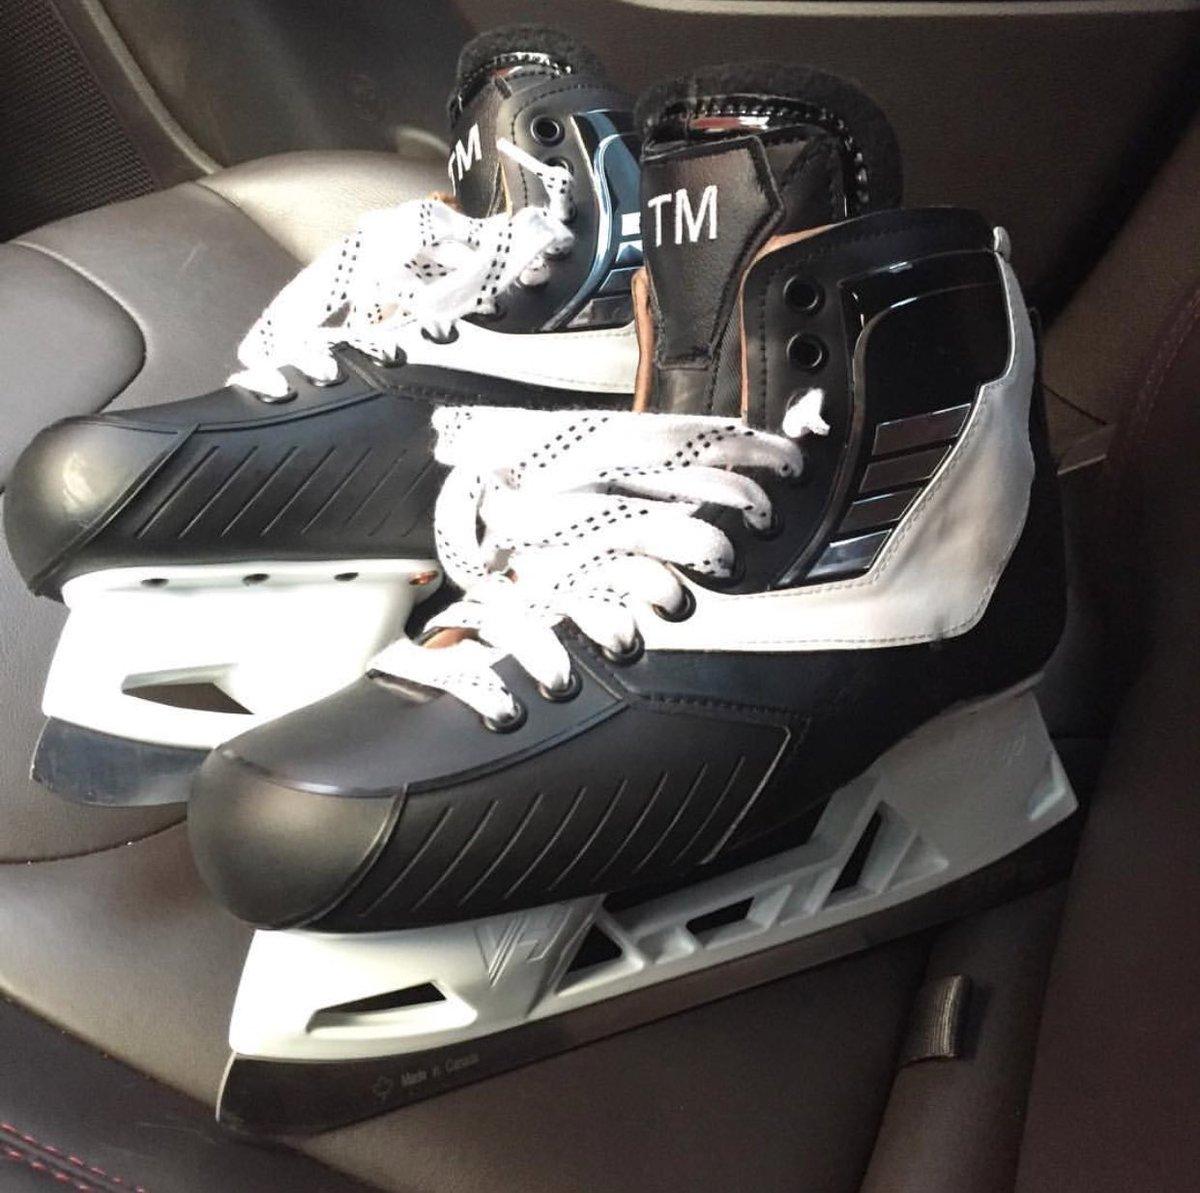 vh footwear vhfootwear twitter